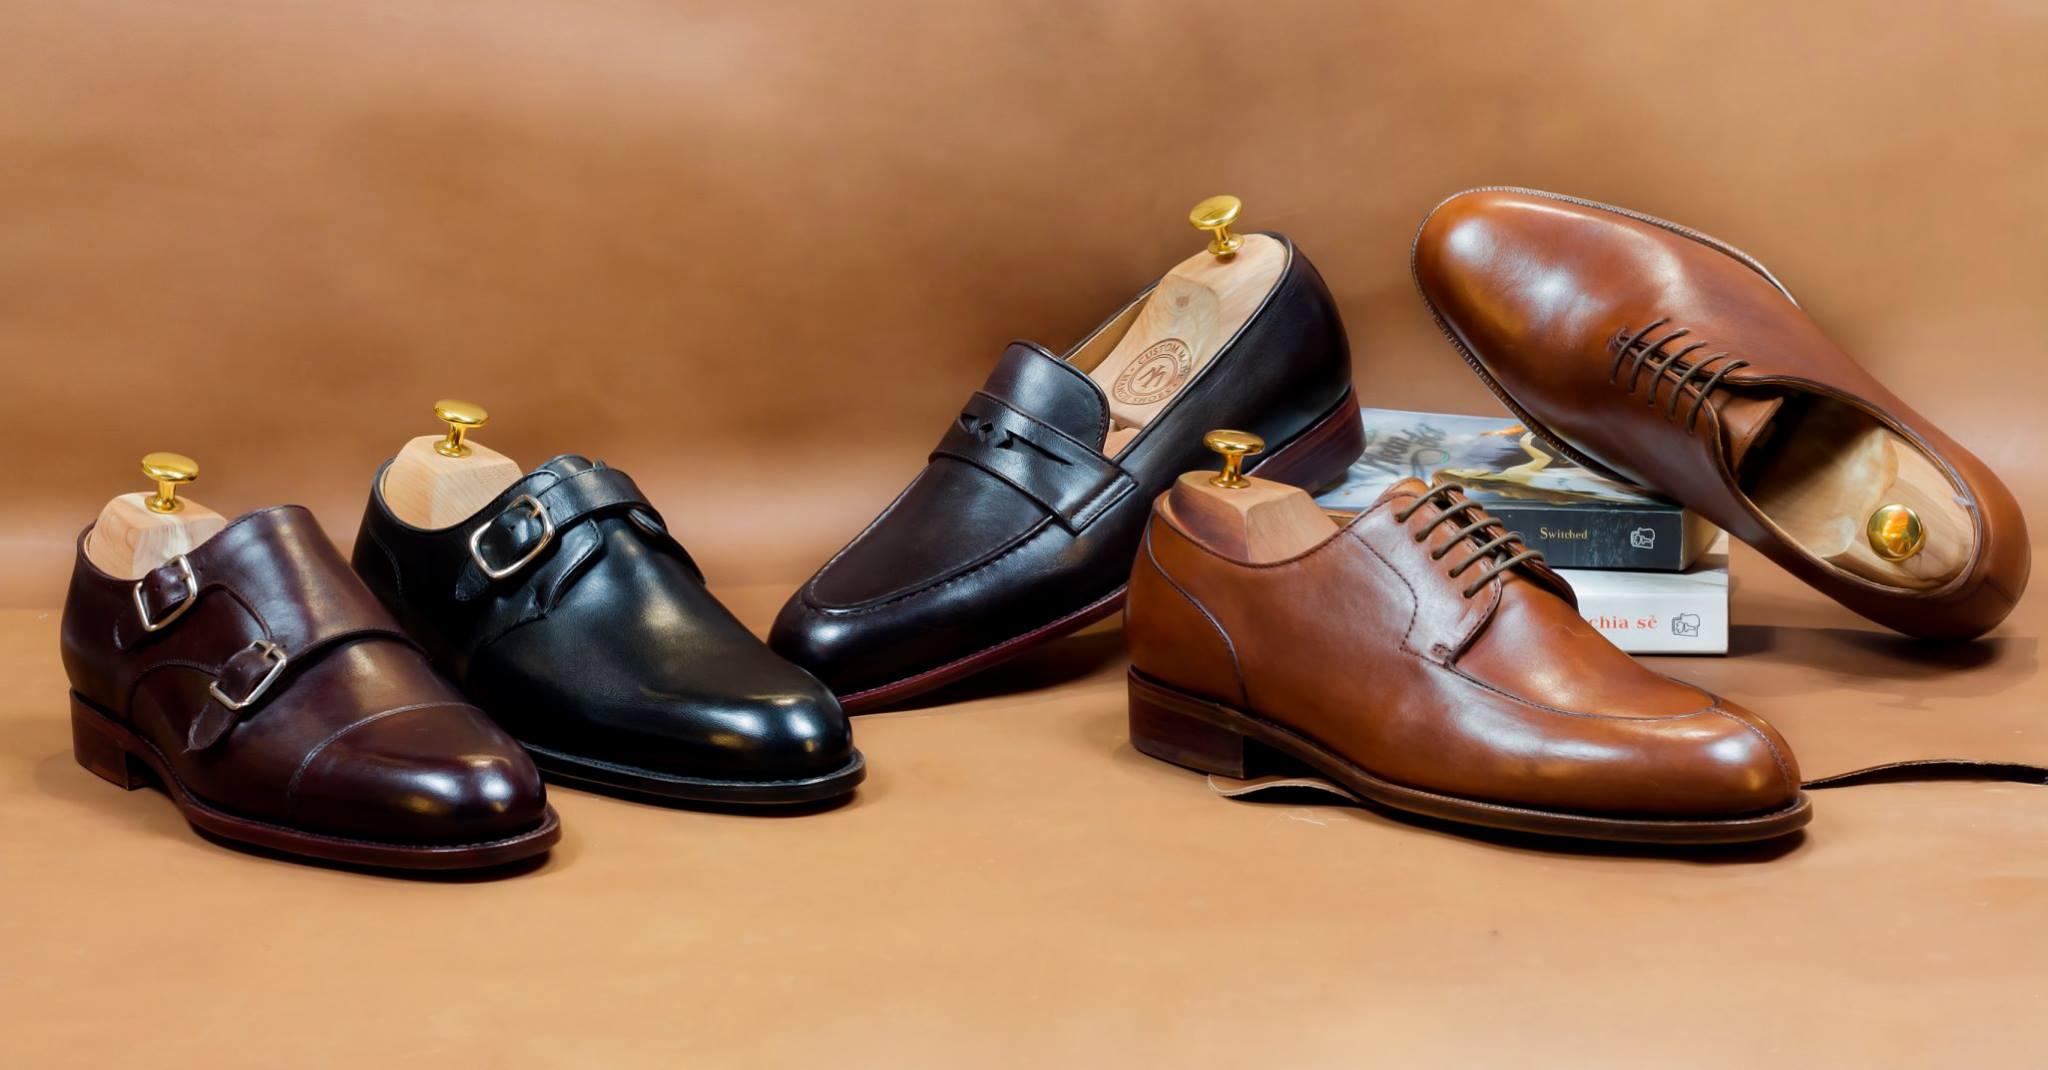 Giày tây mui tròn, mũi vuông là sự lựa chọn tốt nhất cho nưng người có vóc dáng cao gầy